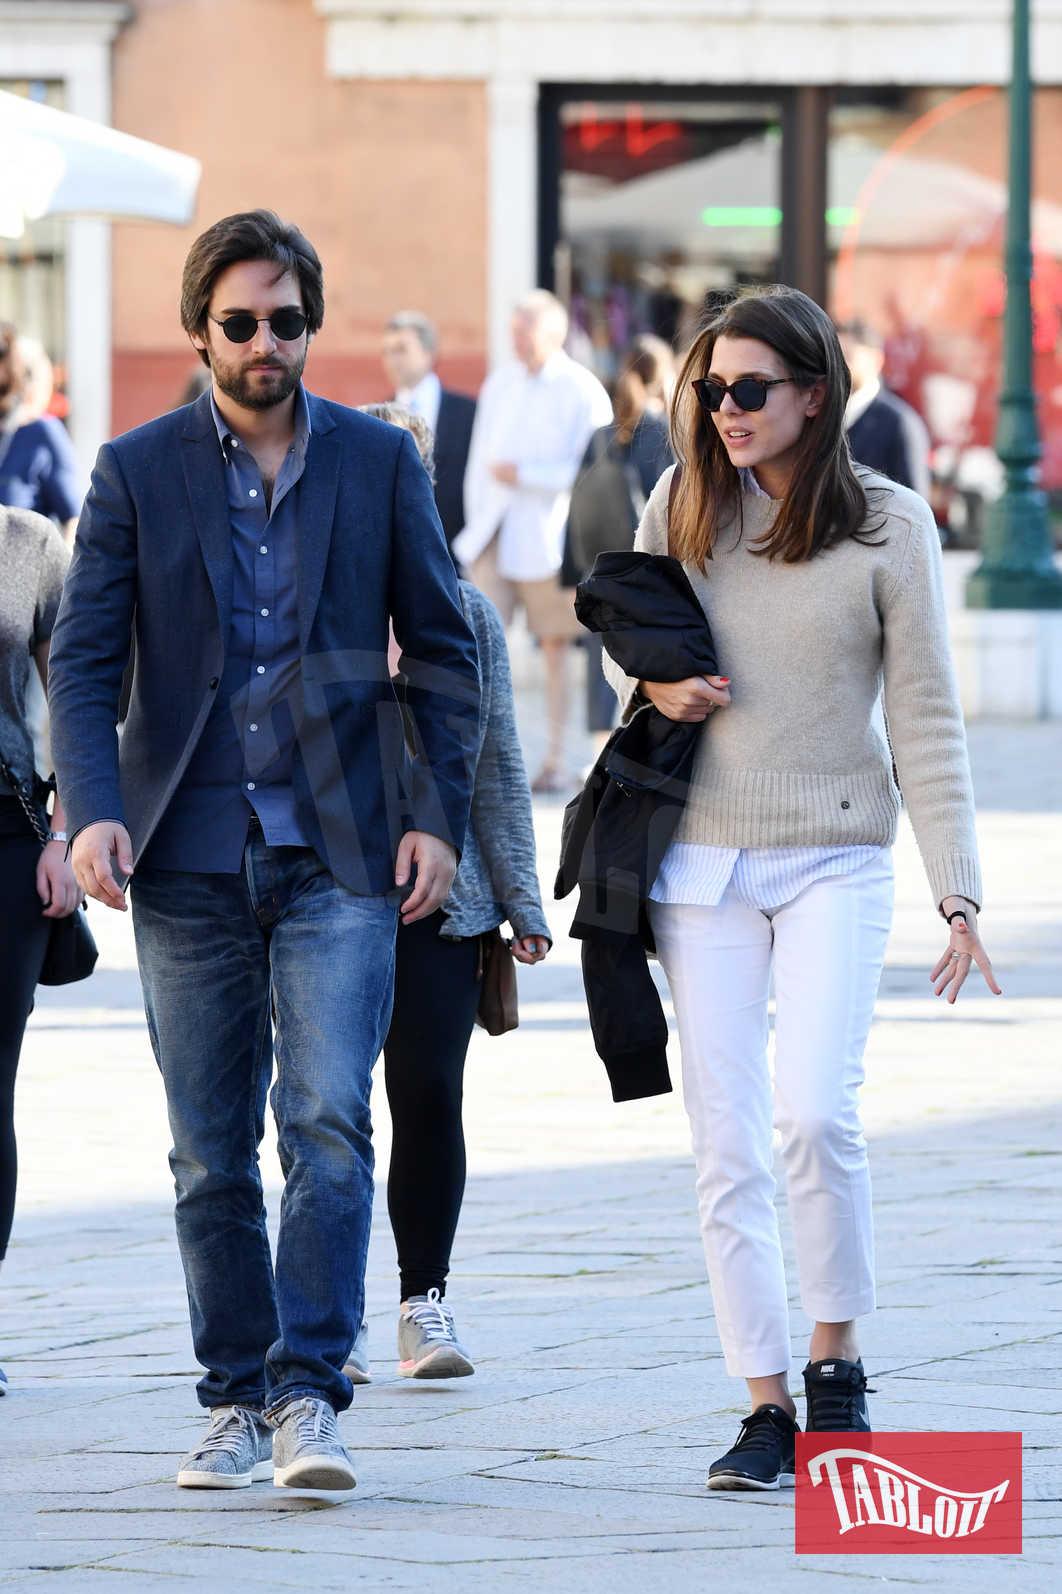 Charlotte Casiraghi e Dimitri Rassam lo scorso maggio a Venezia. I due stanno insieme dallo scorso dicembre ma hanno sempre mantenuto la massima riservatezza